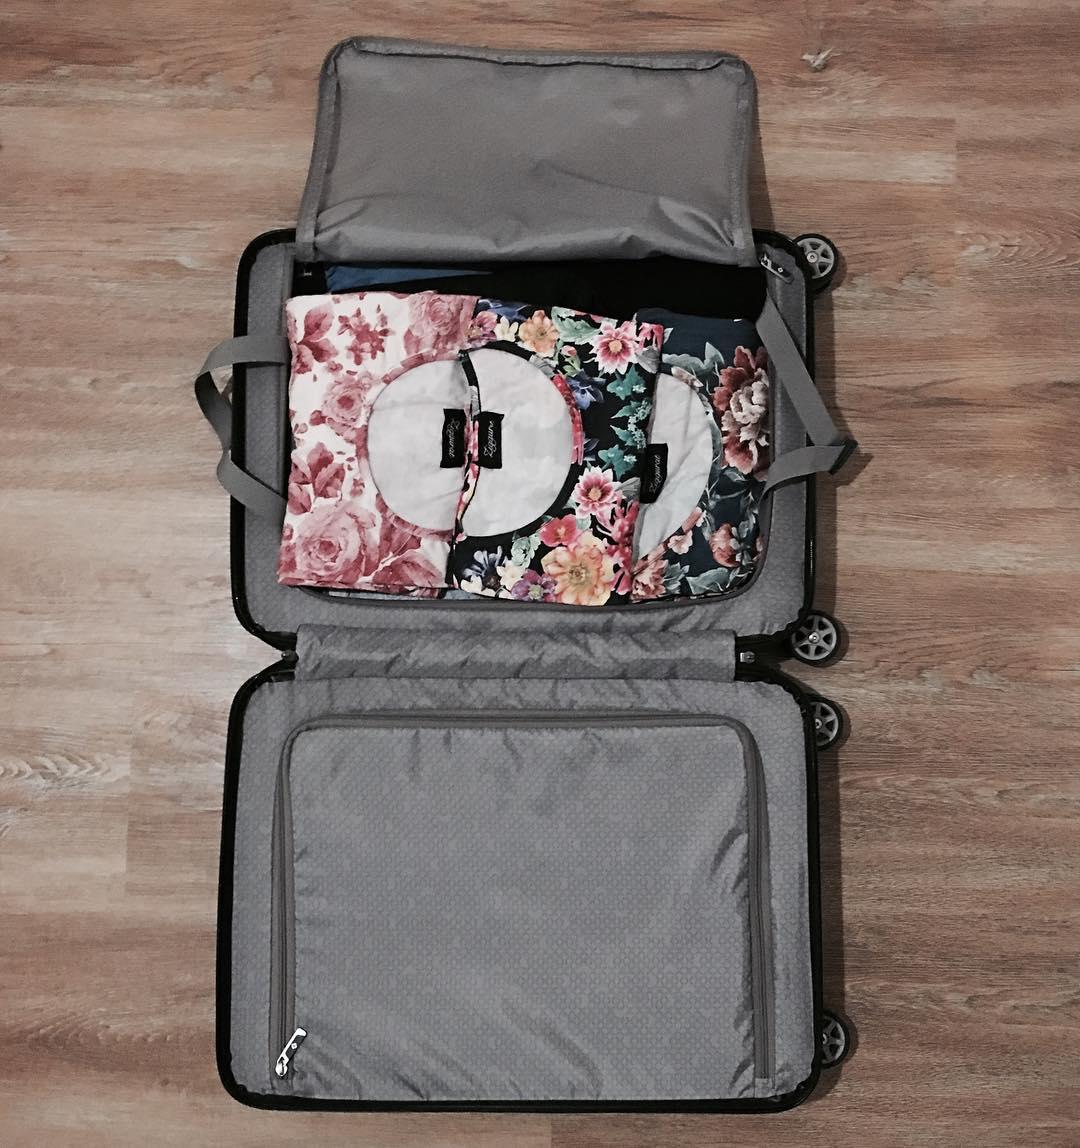 Fin de semana largo y lo que no puede faltar en tu valija. #YesZigguratYesParty  www.ziggurat.com.ar